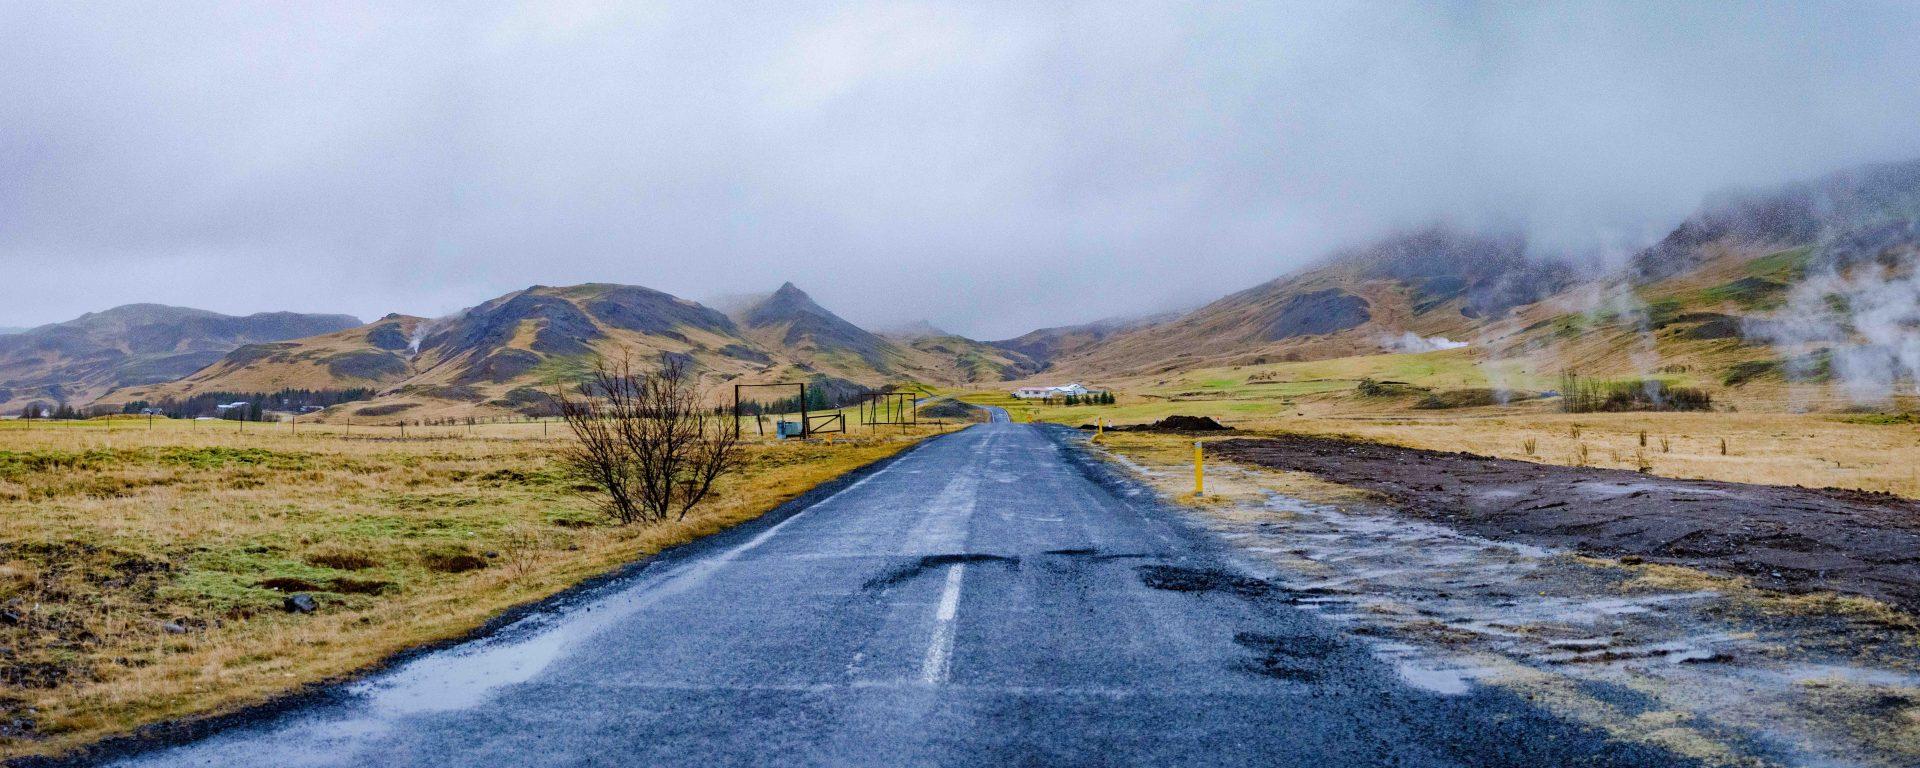 Hiking to Reykjadalur Hot Spring, Iceland